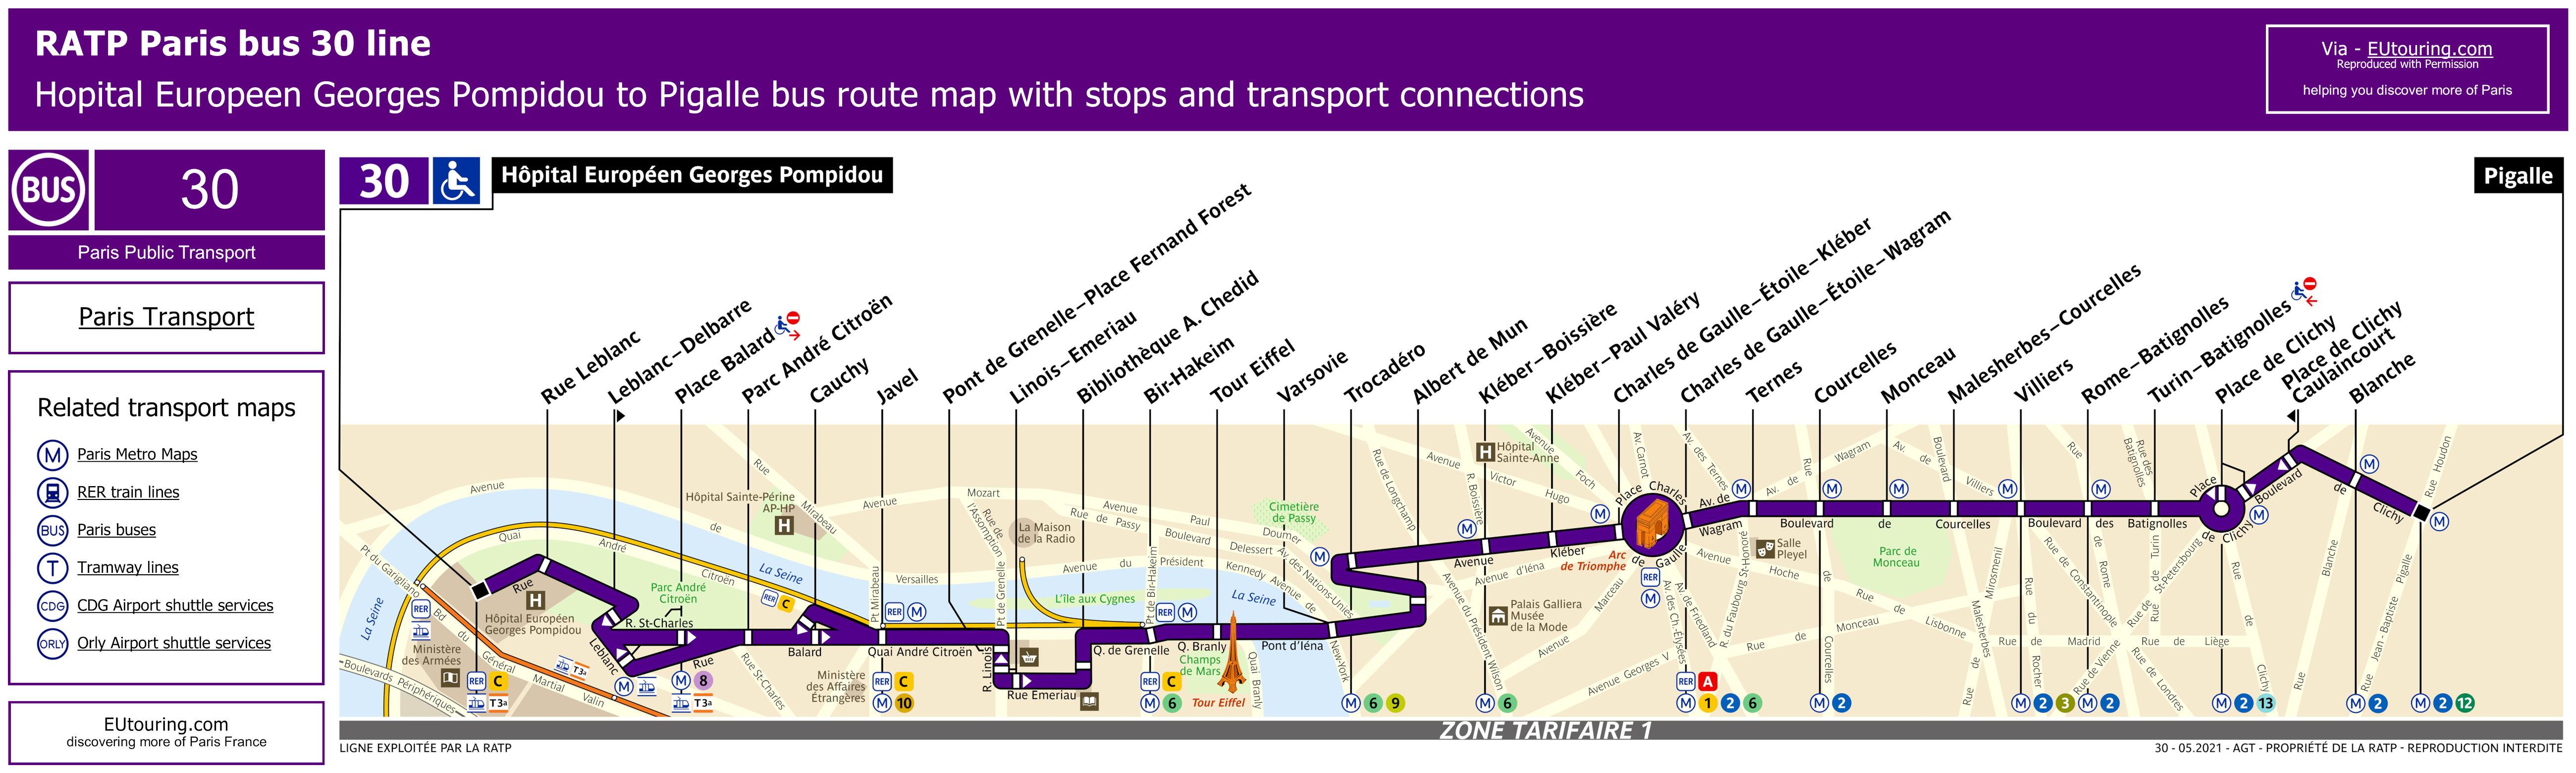 Bus Route Map Paris on paris train station map, paris l open tour bus, caen normandy france map, paris attractions map.pdf, paris transportation map, paris bike path map, paris highway map, paris rer zones map, paris map for tourists printable, paris city map, paris bus lines, paris transit map, paris bus hop on map, paris travel map, paris map map, paris tourist bus routes, paris bus map with streets, paris airport map, paris bus map pdf, paris bus map printable,